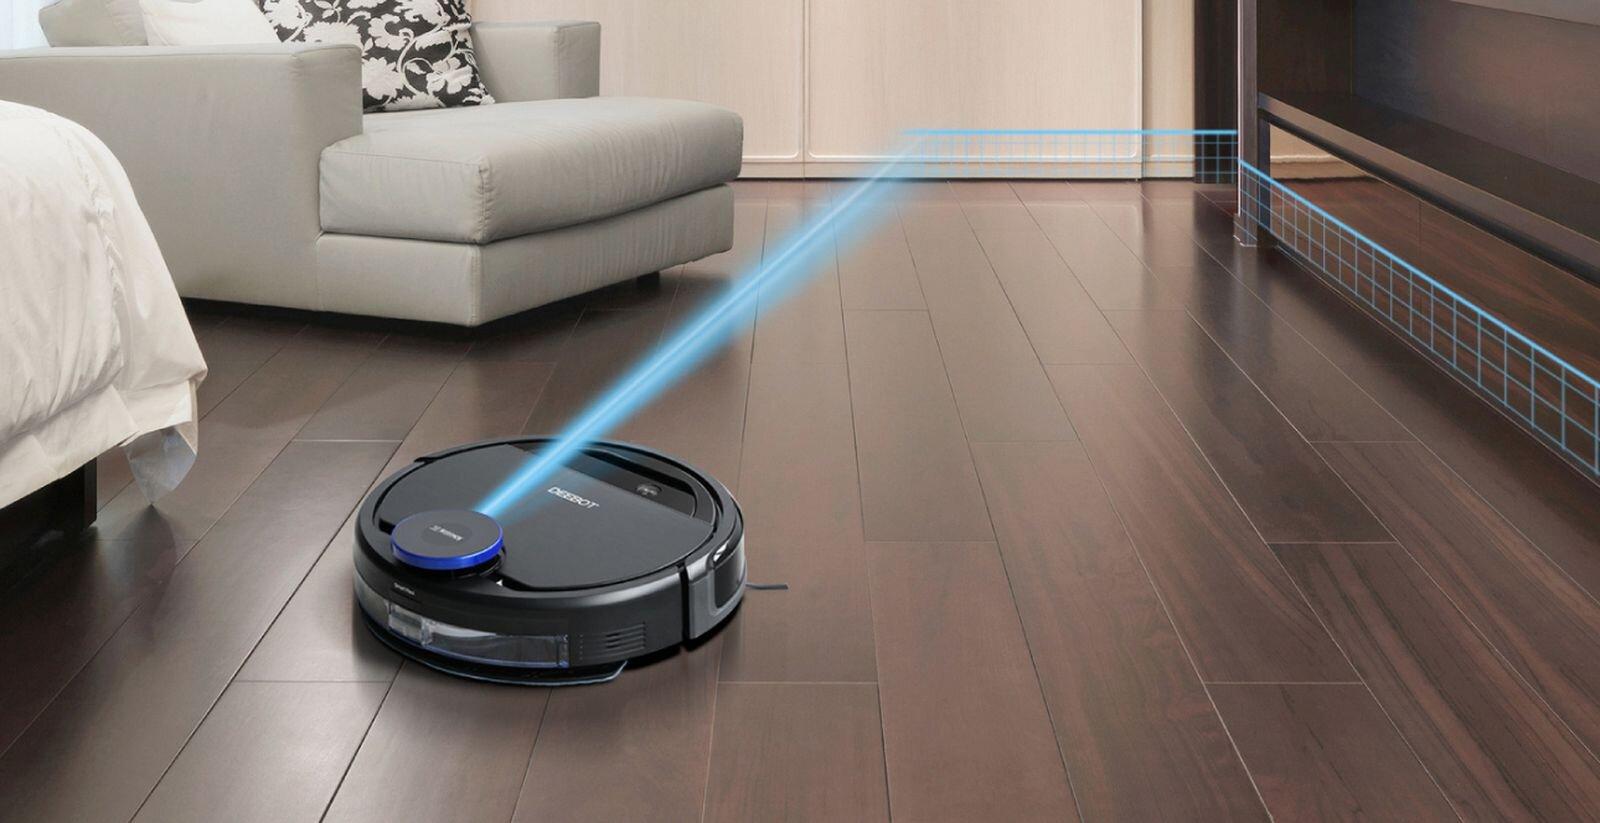 Robot hút bụi Ecovacs Deebot Ozmo 930 có nhiều ưu điểm vượt trội